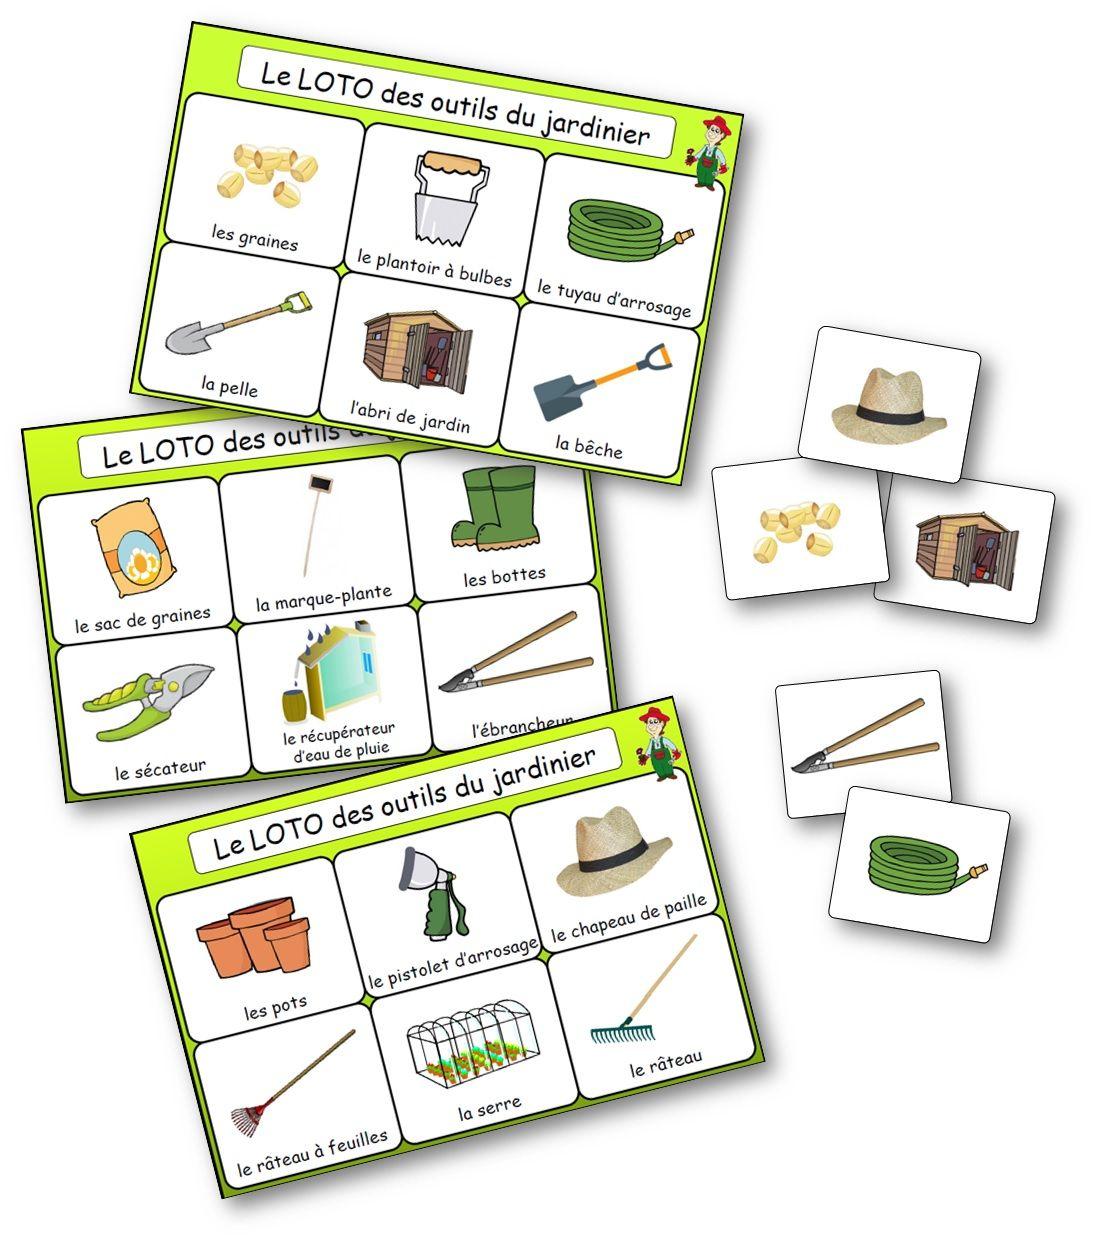 Le loto des outils du jardinier - Jeu de bingo du jardinage ...